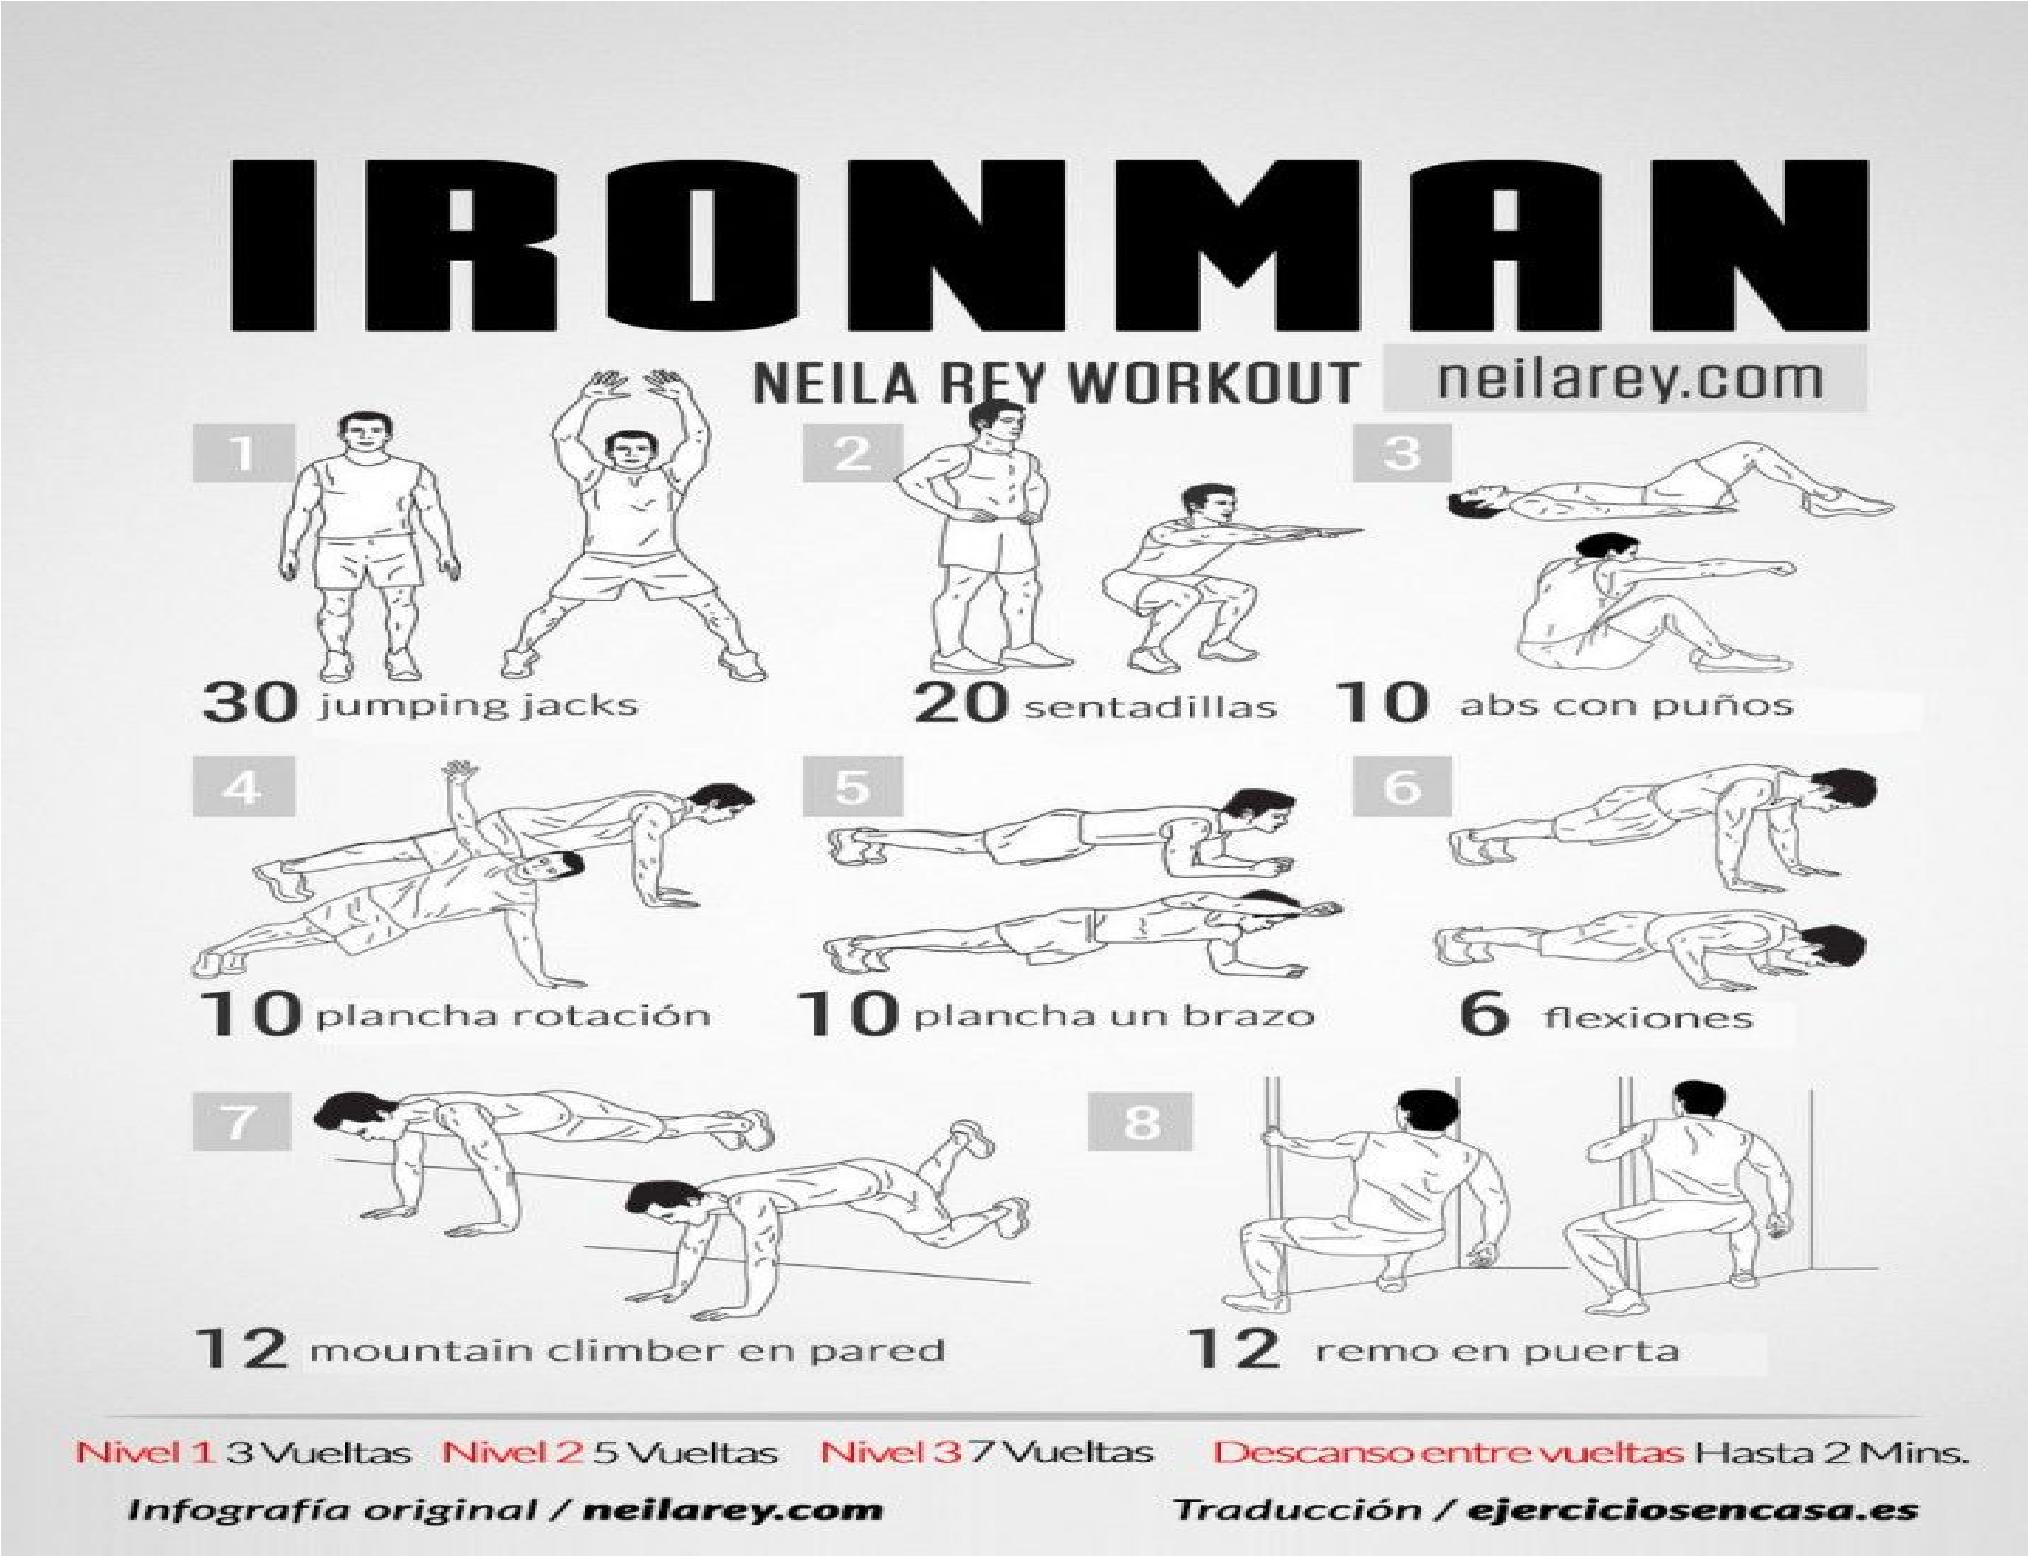 Ejercicios para hacer desde casa rutina fitness para - Ejercicios de gimnasio en casa ...